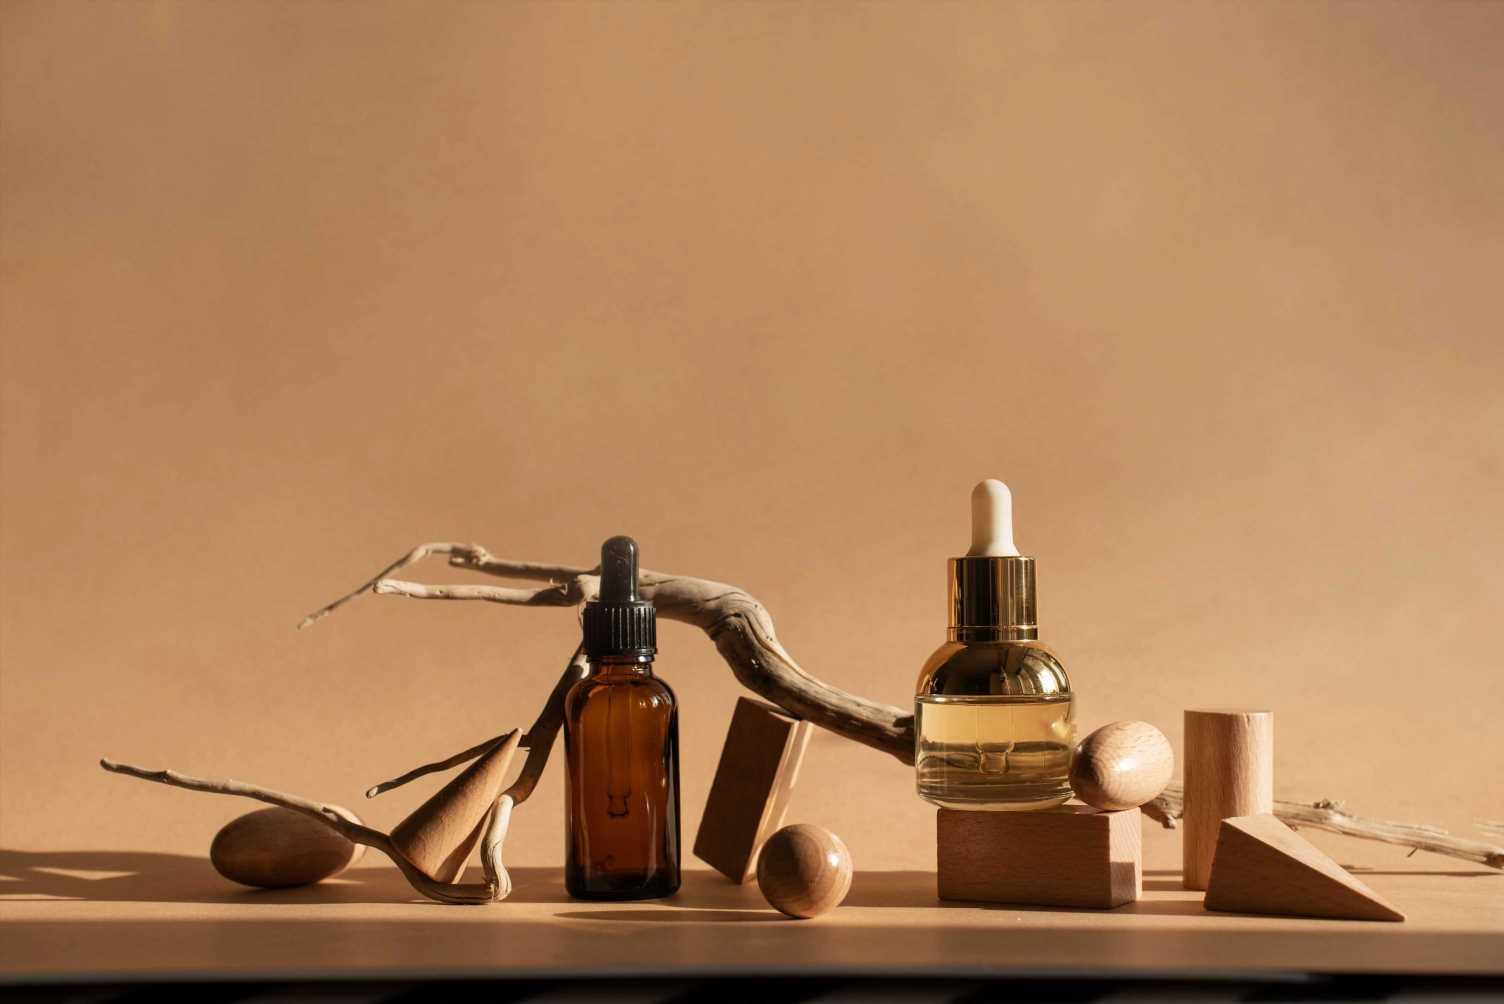 La cosmética española bate récords fuera de nuestras fronteras